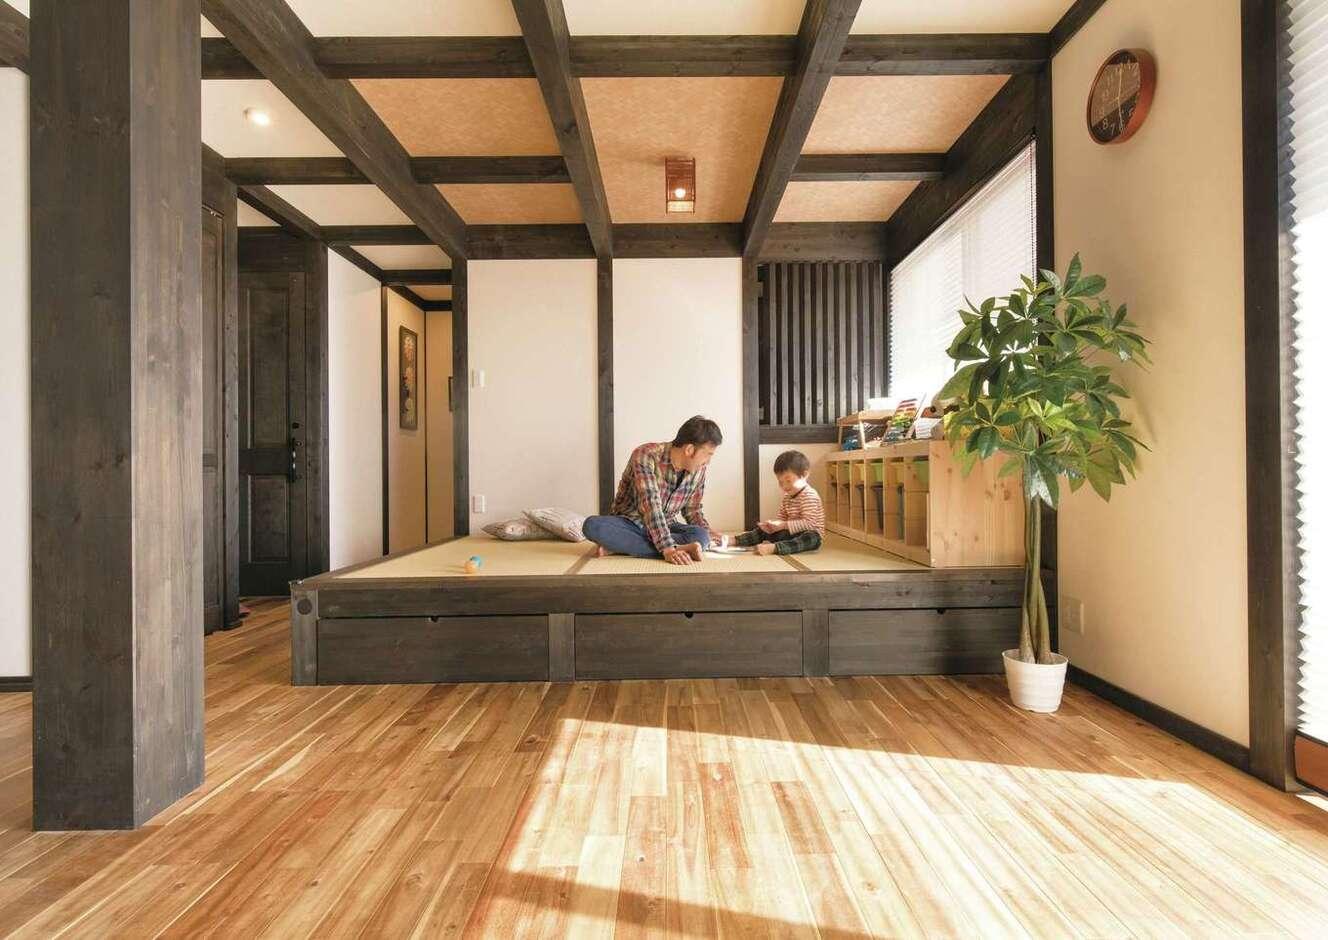 サイエンスホーム甲府店・笛吹店【デザイン住宅、自然素材、間取り】小上がりの畳コーナー。子どもと遊んだり、お昼寝させたり、多用途に使えて便利。畳の下は収納スペース